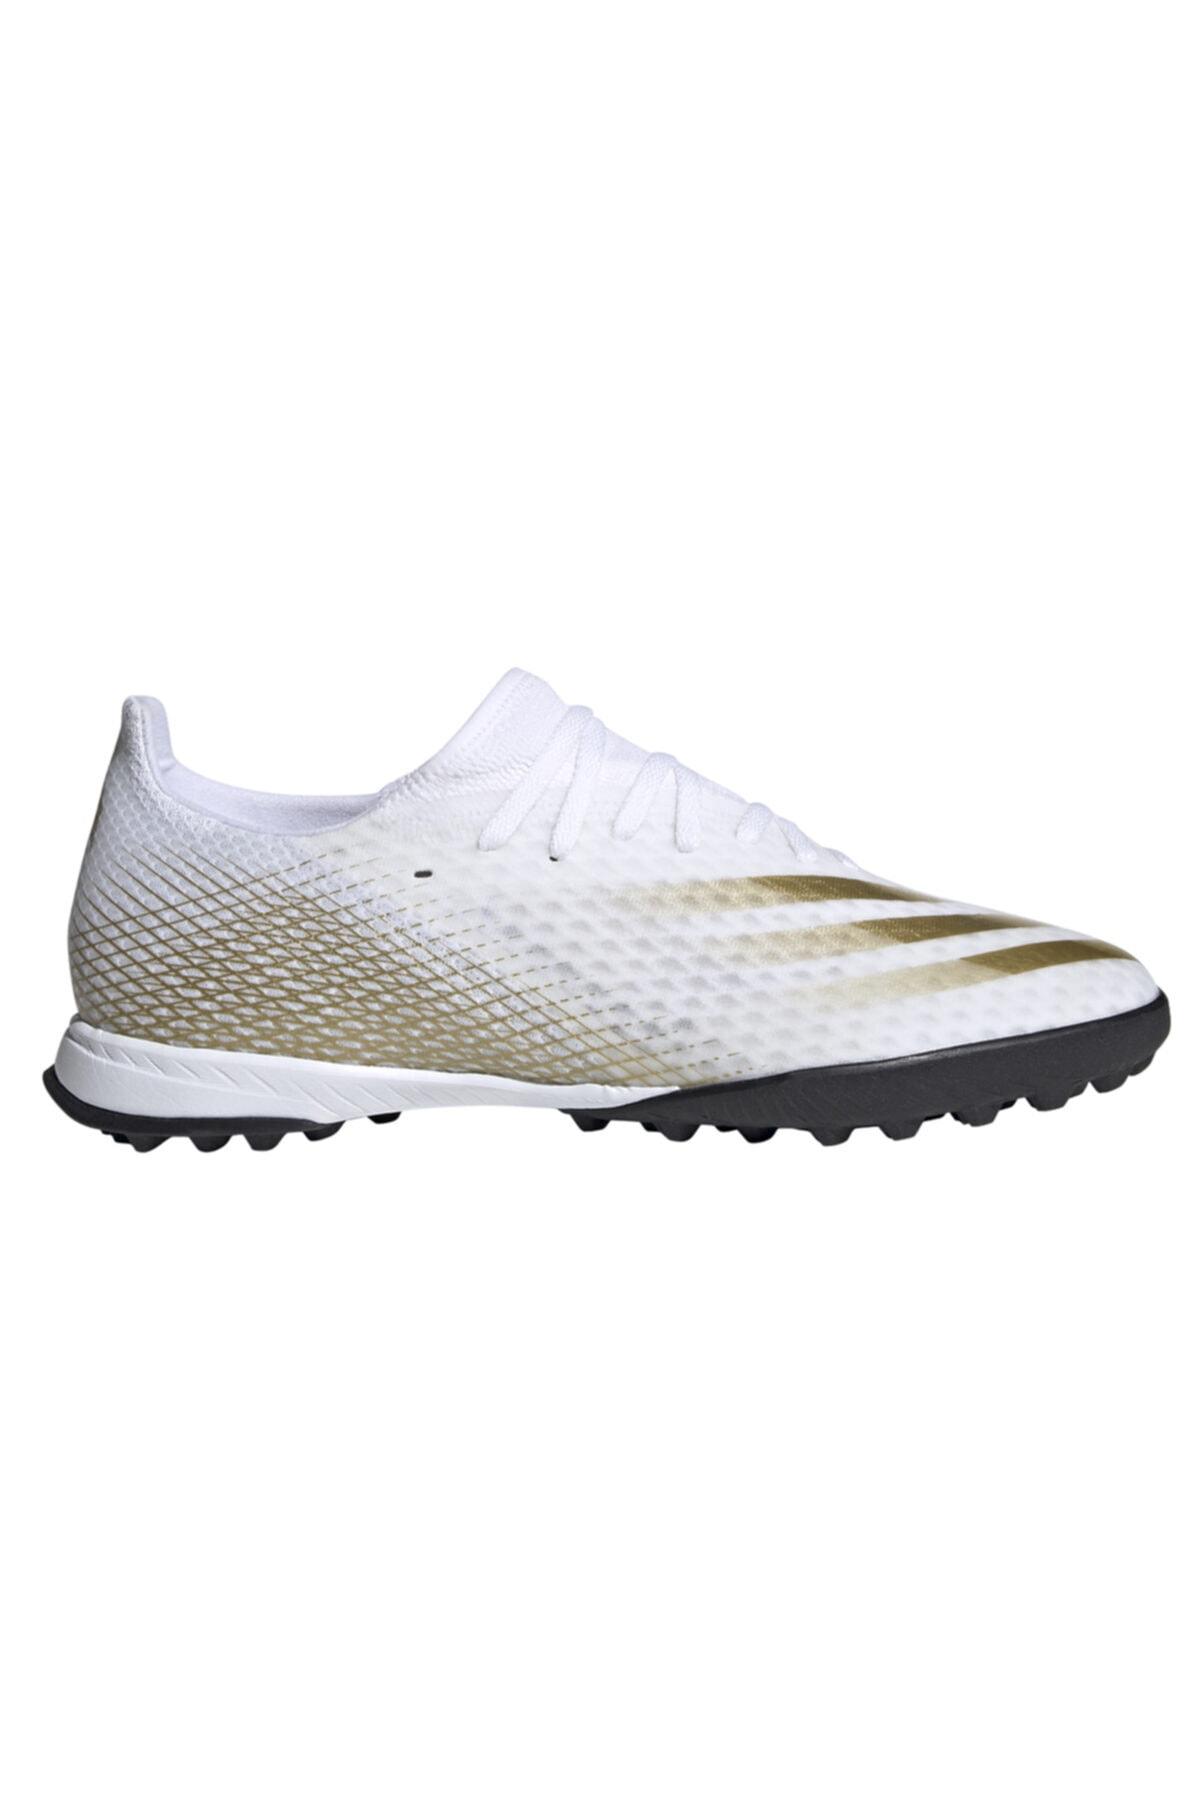 adidas X Ghosted.3 Turf  Erkek Halı Saha Ayakkabı 1